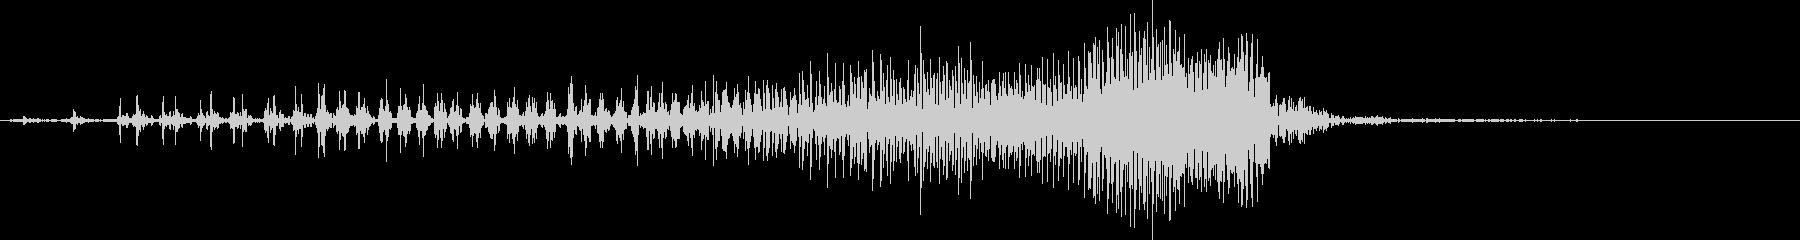 ジッパーの効果音 05の未再生の波形